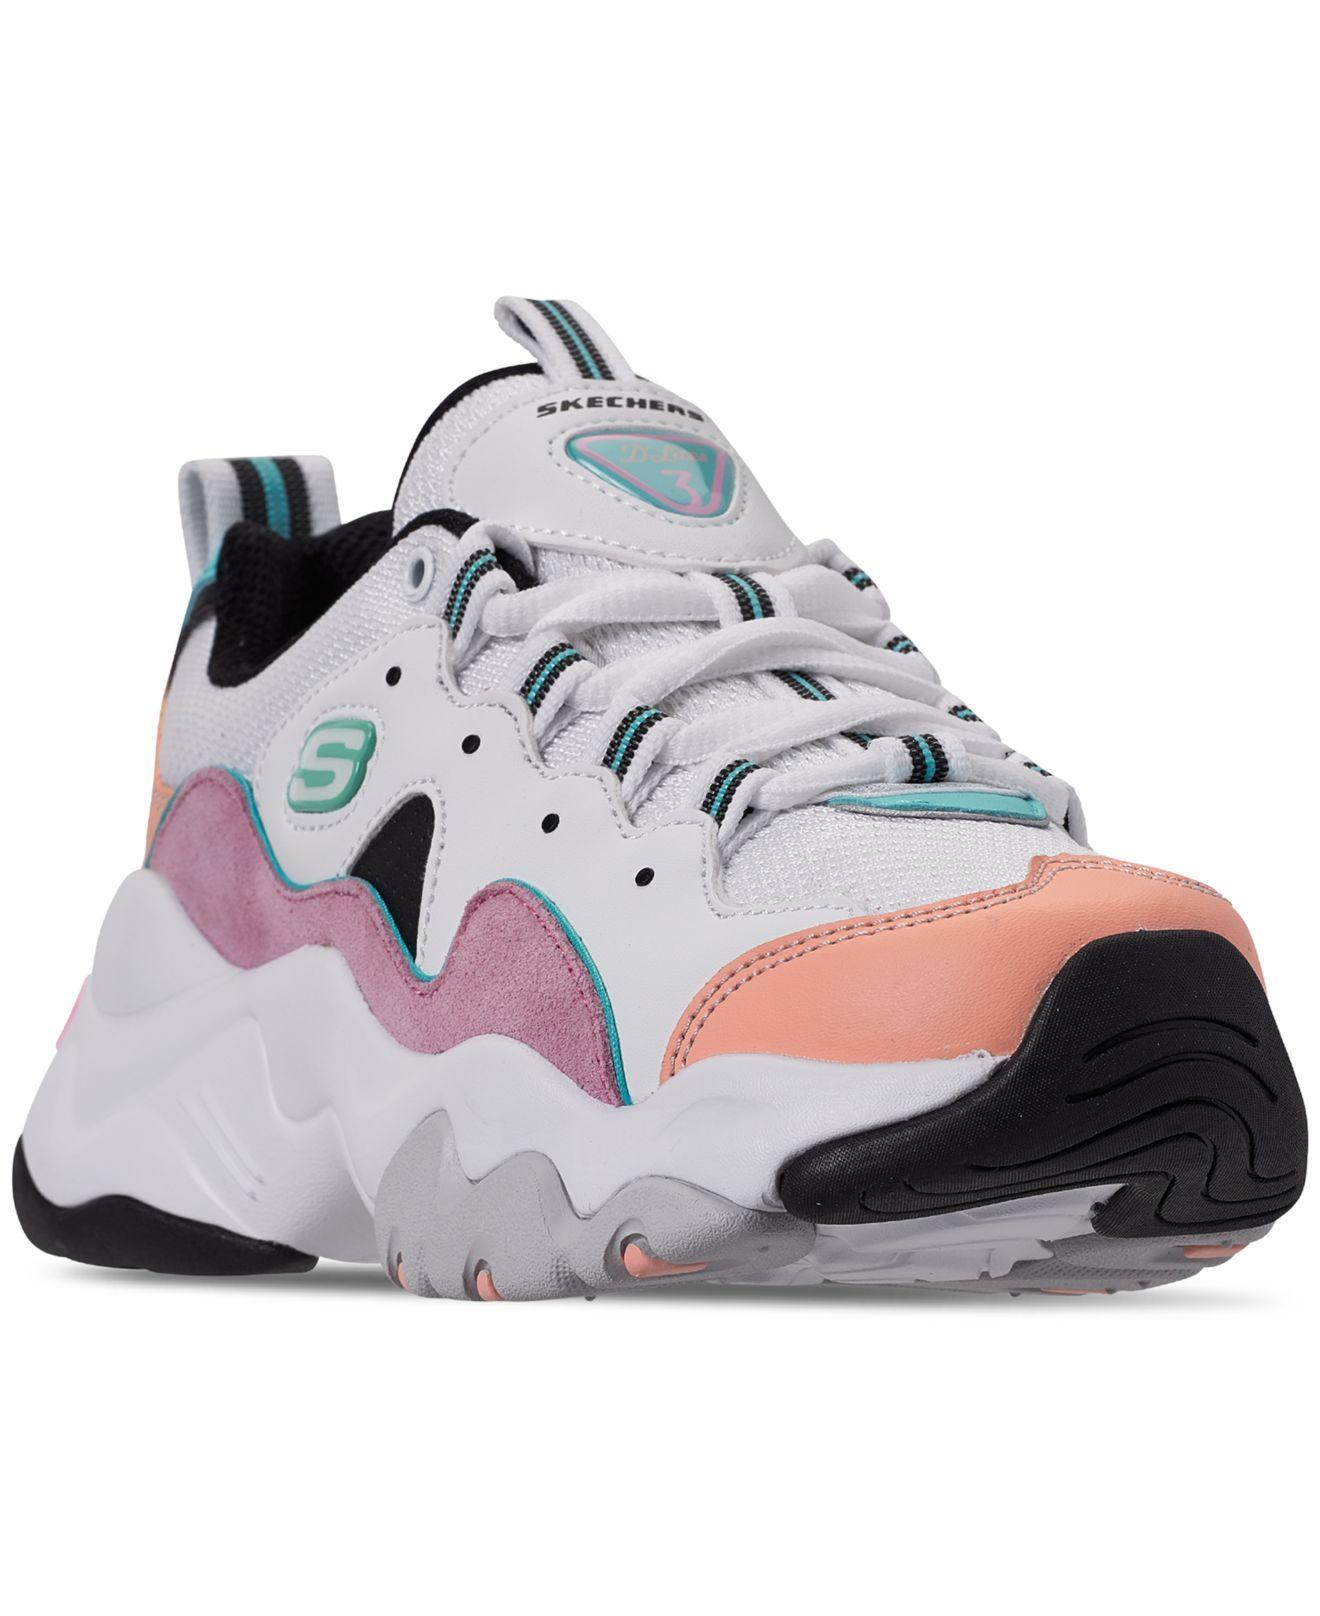 estética de lujo orden calzado Skechers Rubber D'lite Chunky Trainers 3.0 In Pastel - Lyst